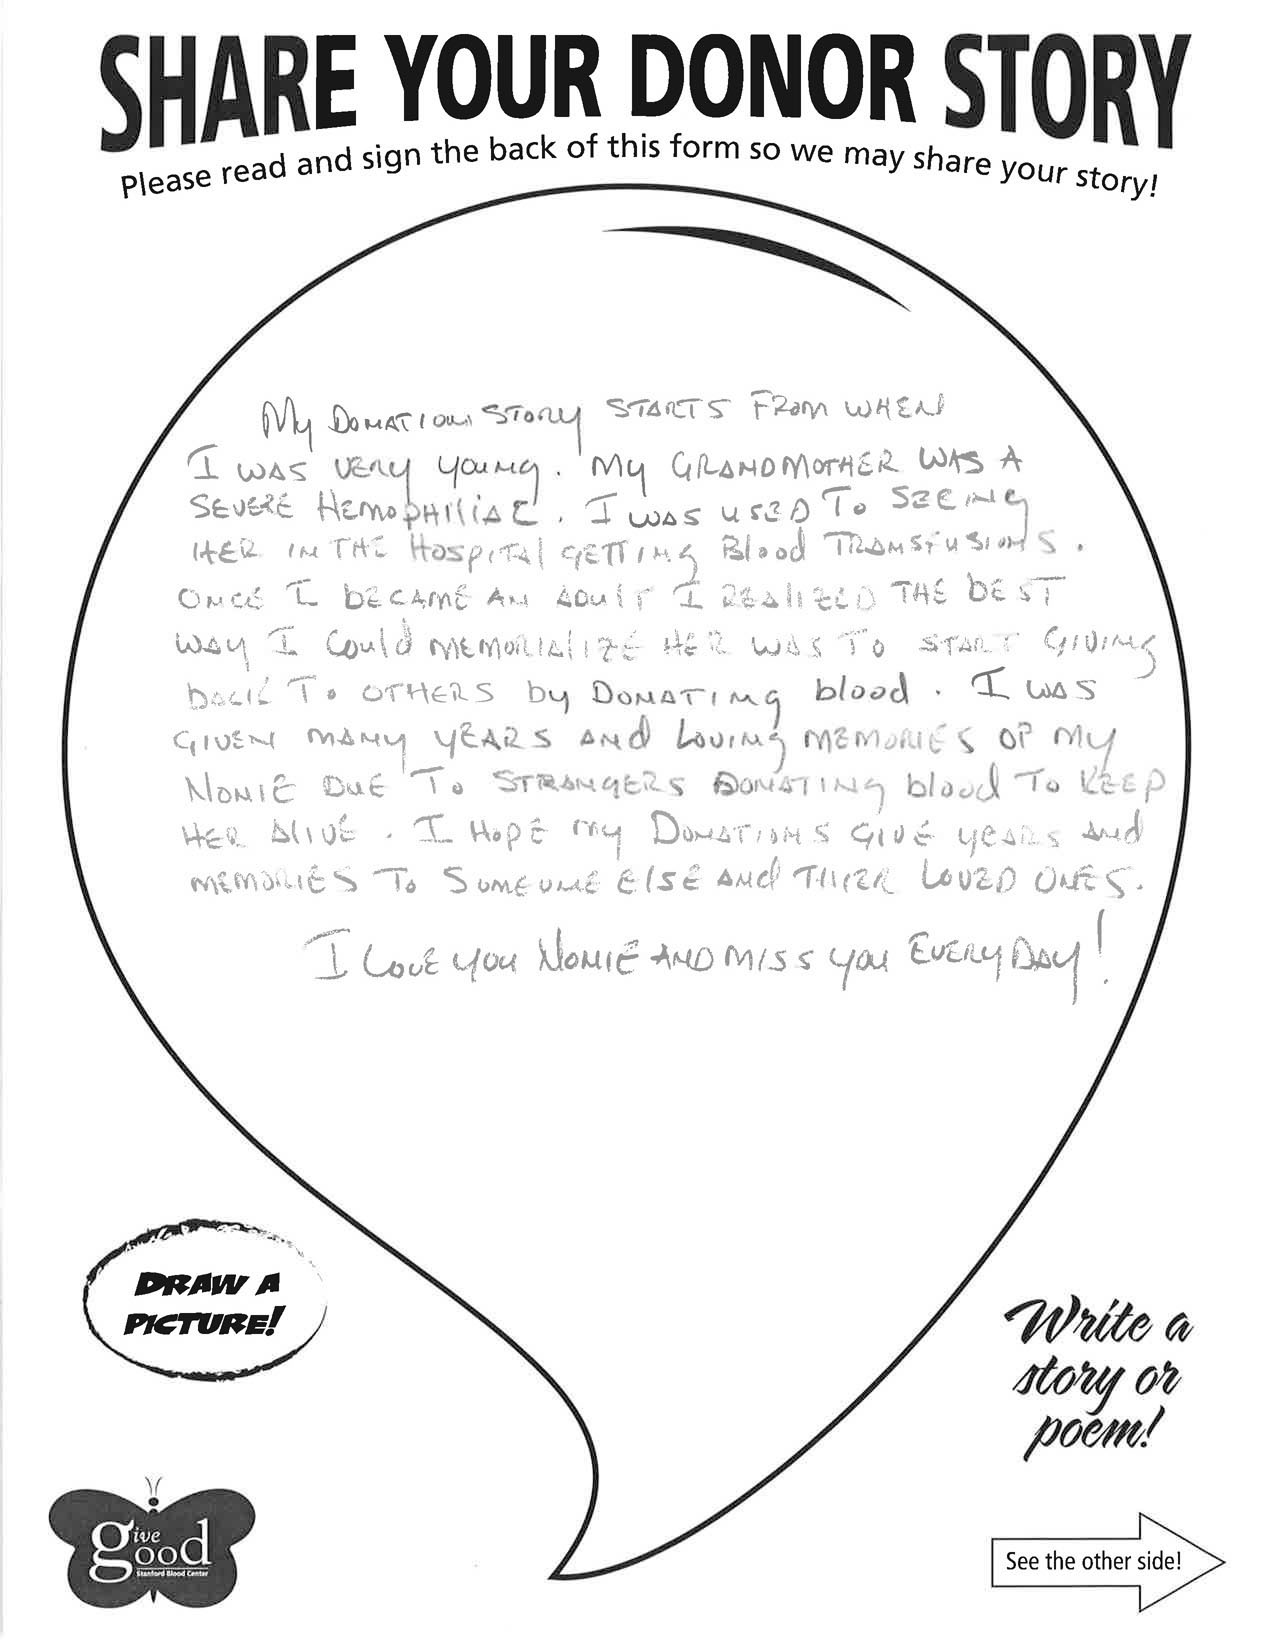 Tony's story